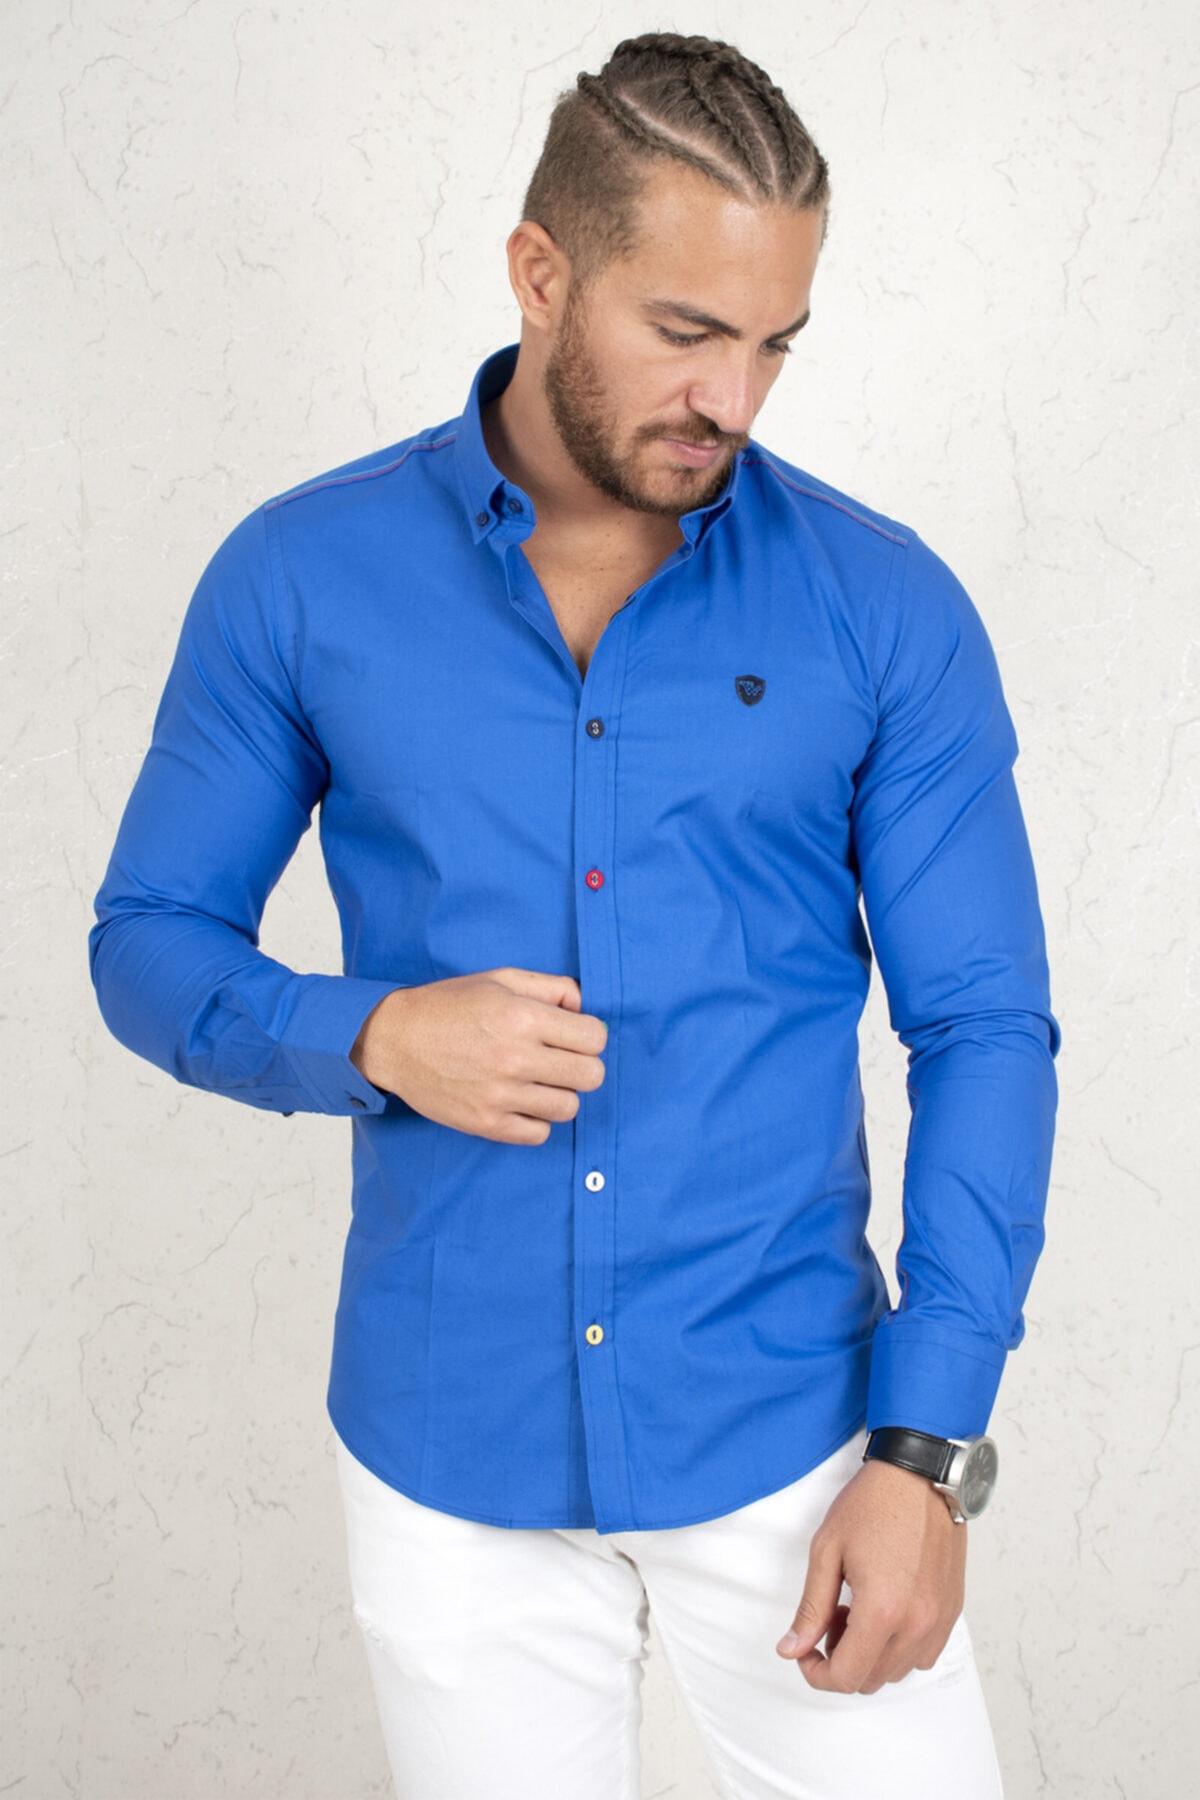 DeepSEA Erkek Mavi Regular Fit Gömlek 2003111 1